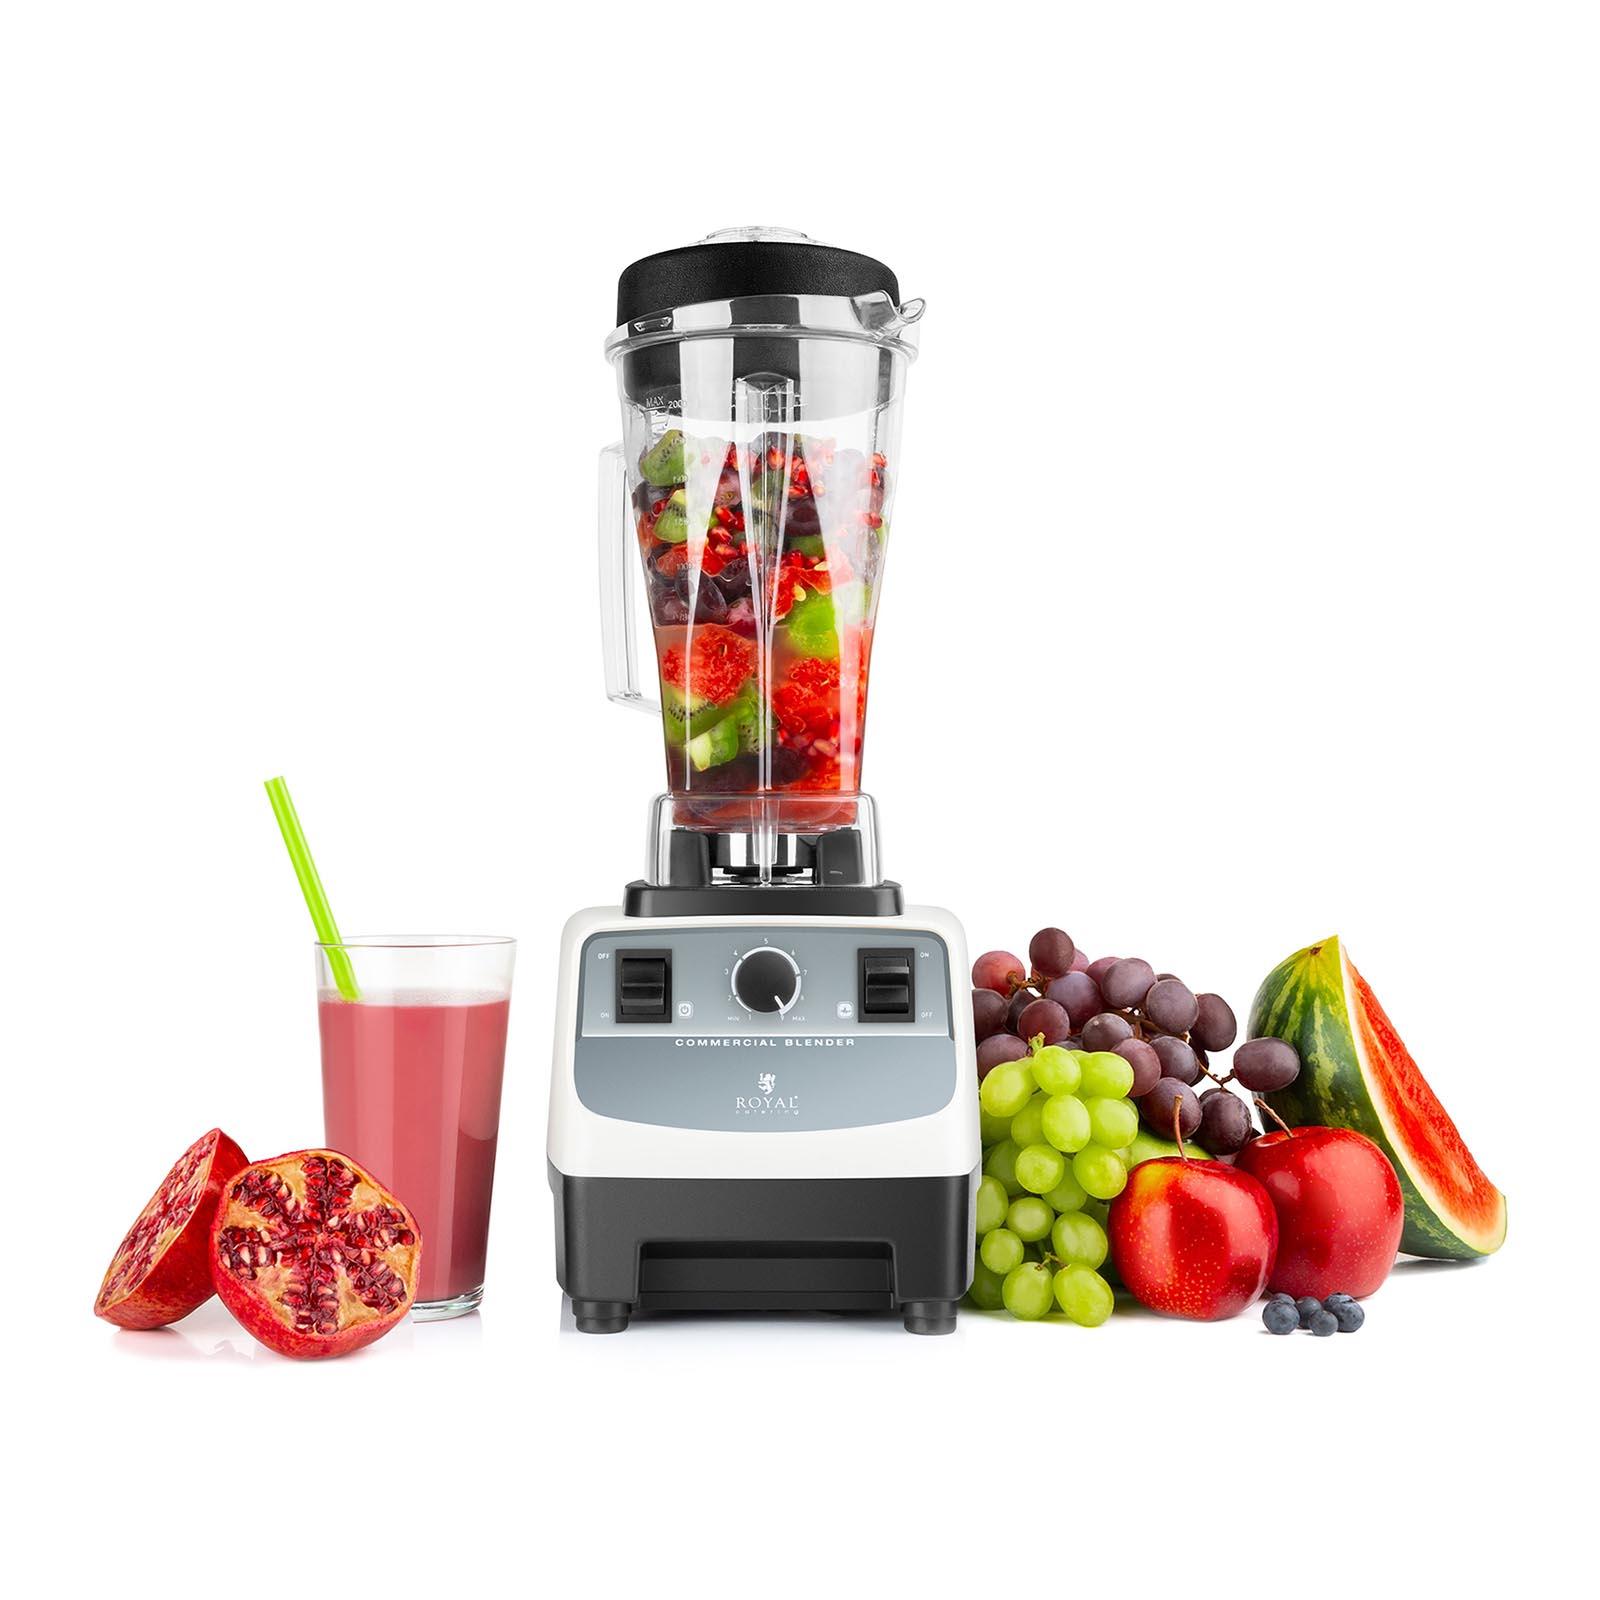 Robot Mixeur Mixer Blender Sur Pied Smoothie Glace Fonction Pulse 2 L 1500 W